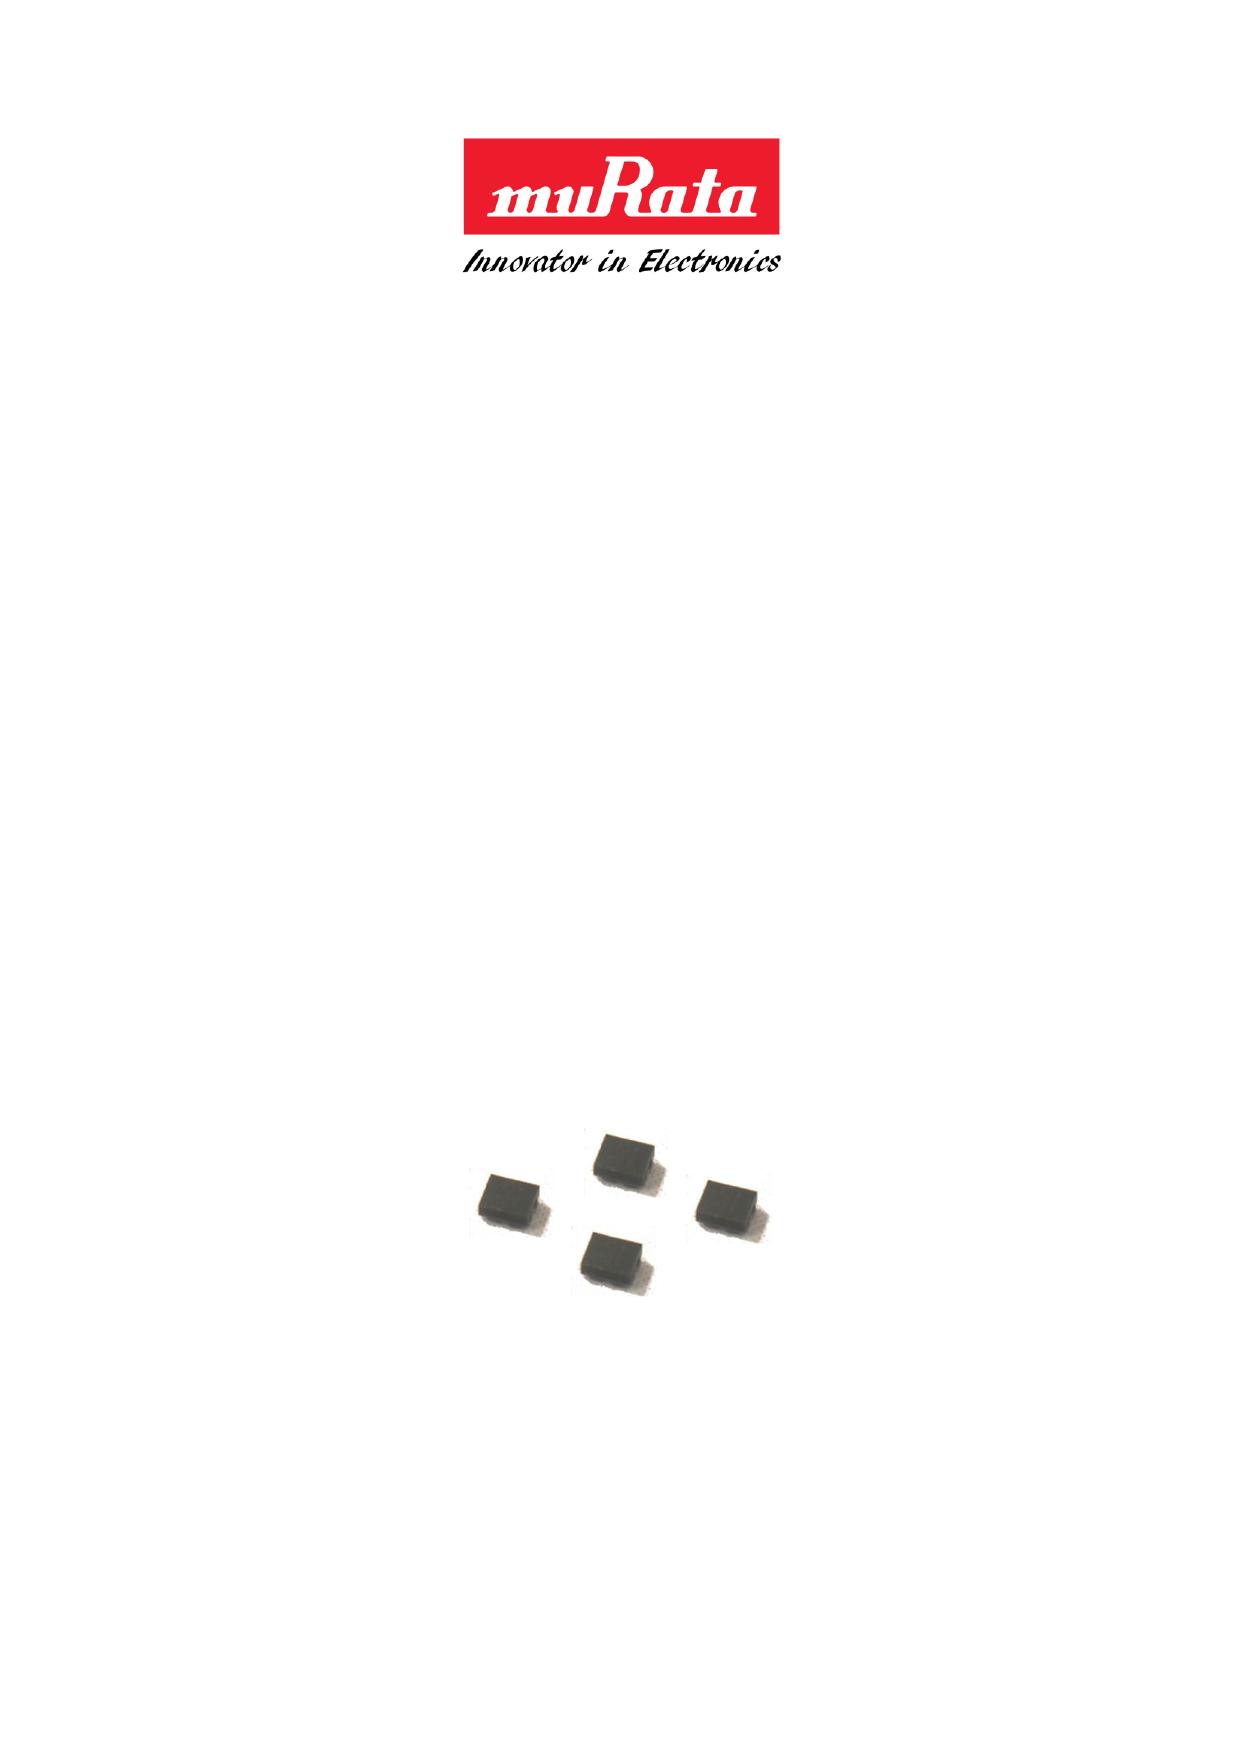 SAFFB751MAA0F0A 데이터시트 및 SAFFB751MAA0F0A PDF